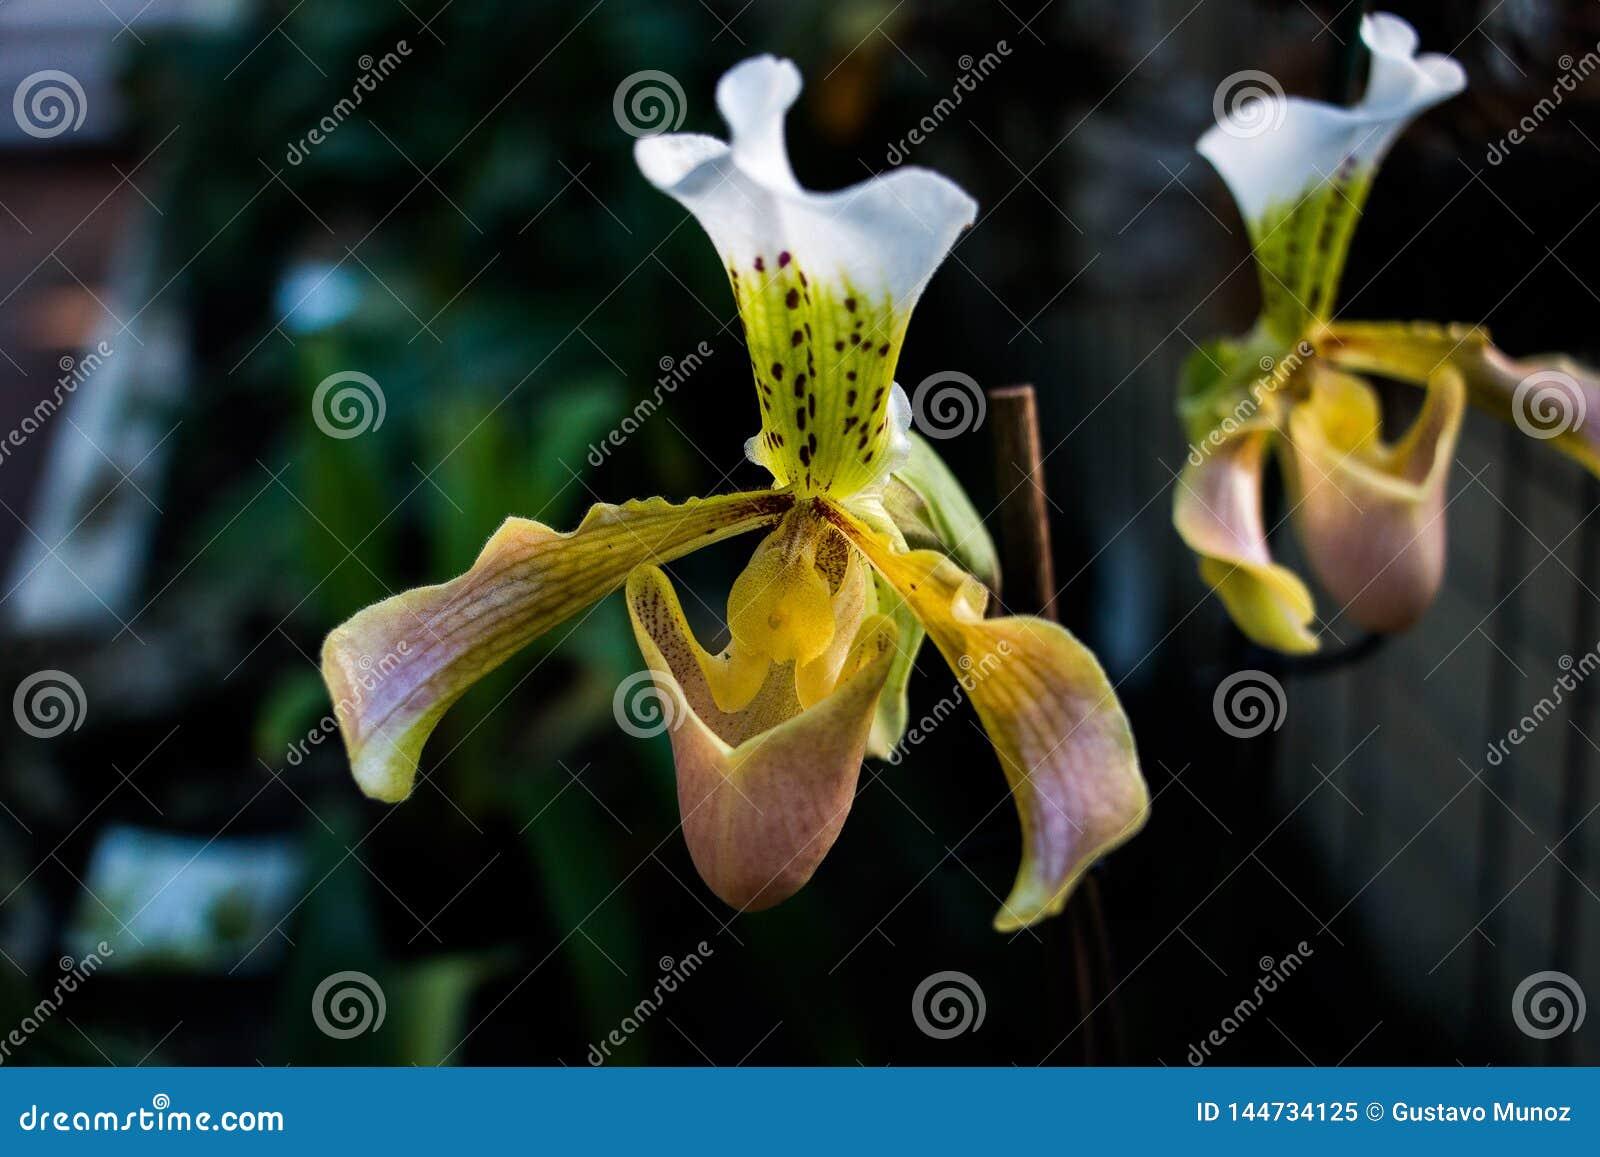 De orchidee van de damepantoffel, Cypripedioideae Paphiopedilum, in voorgrond